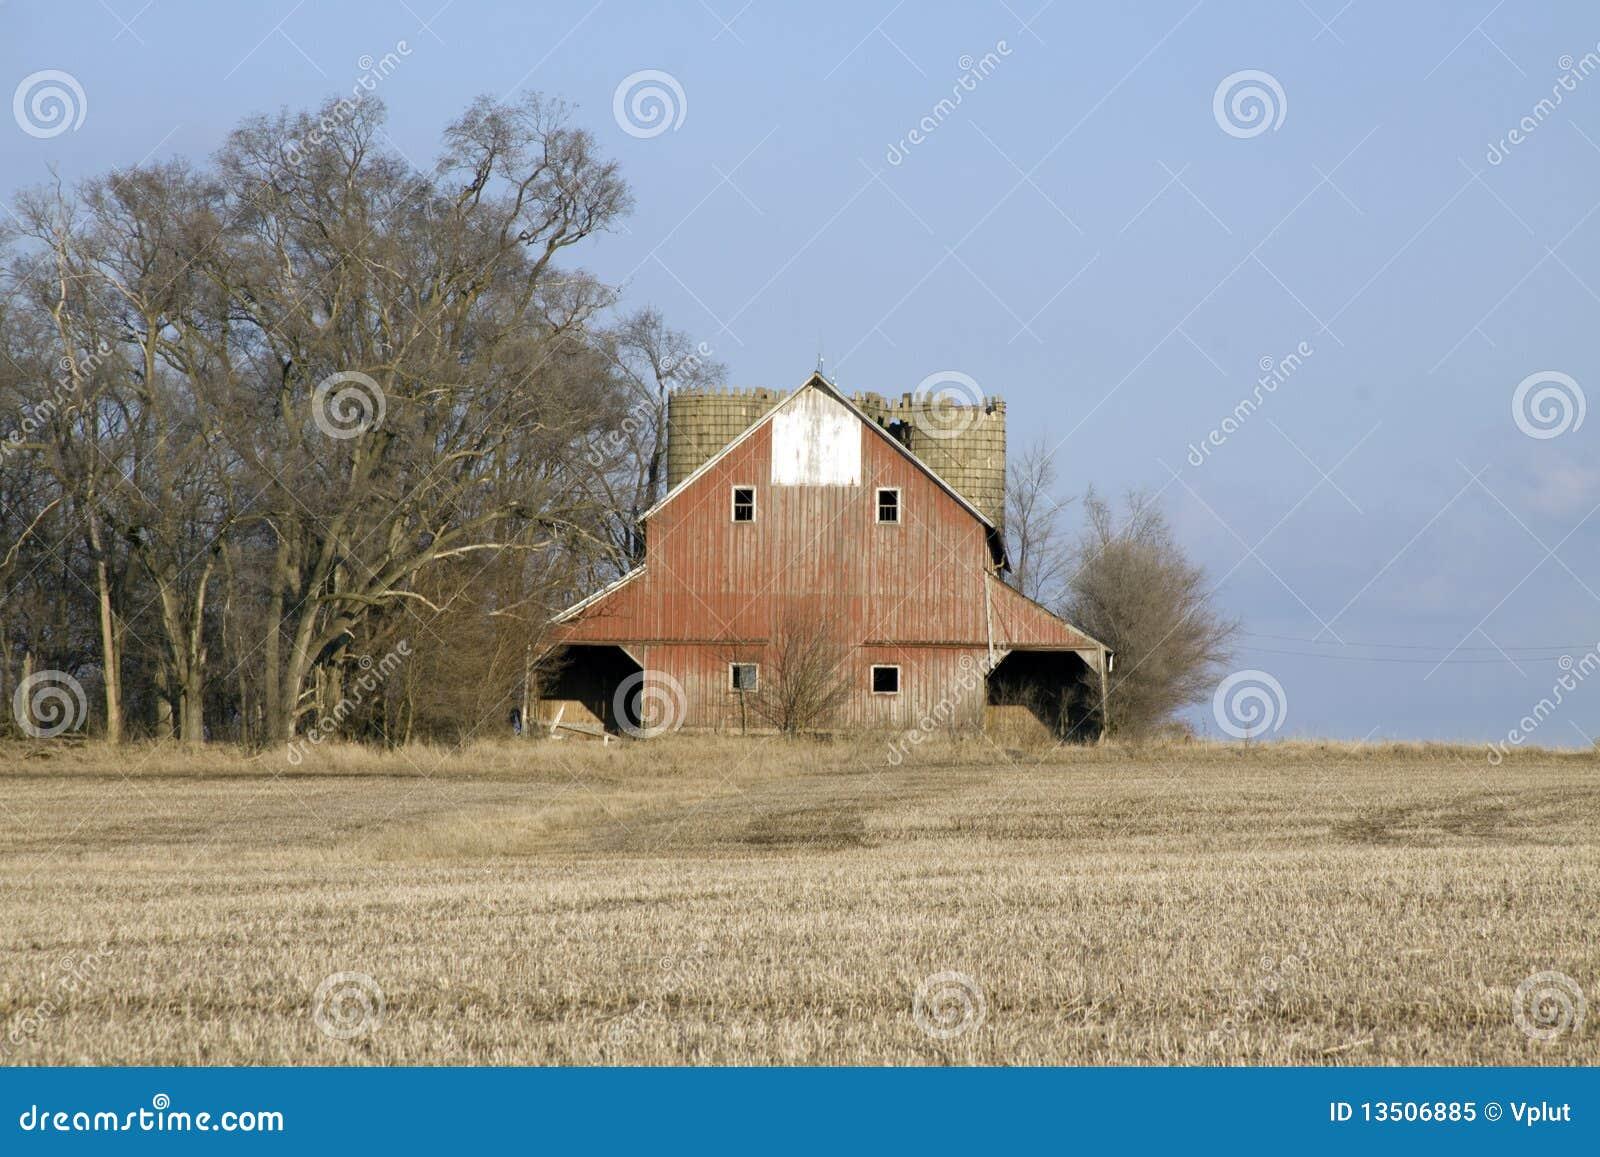 Double barn.